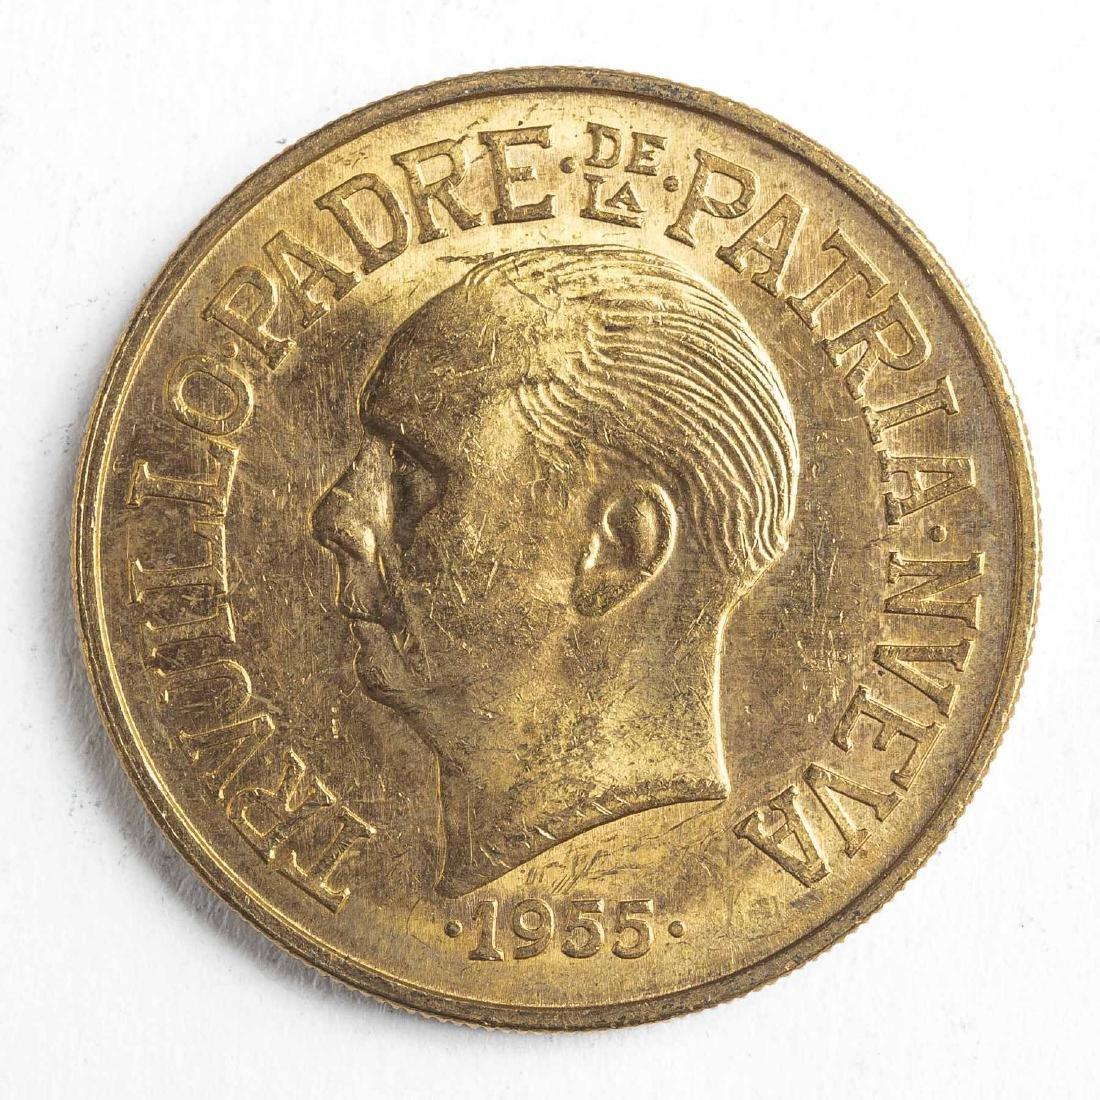 1955 30 Pesos Dominican Gold Coin